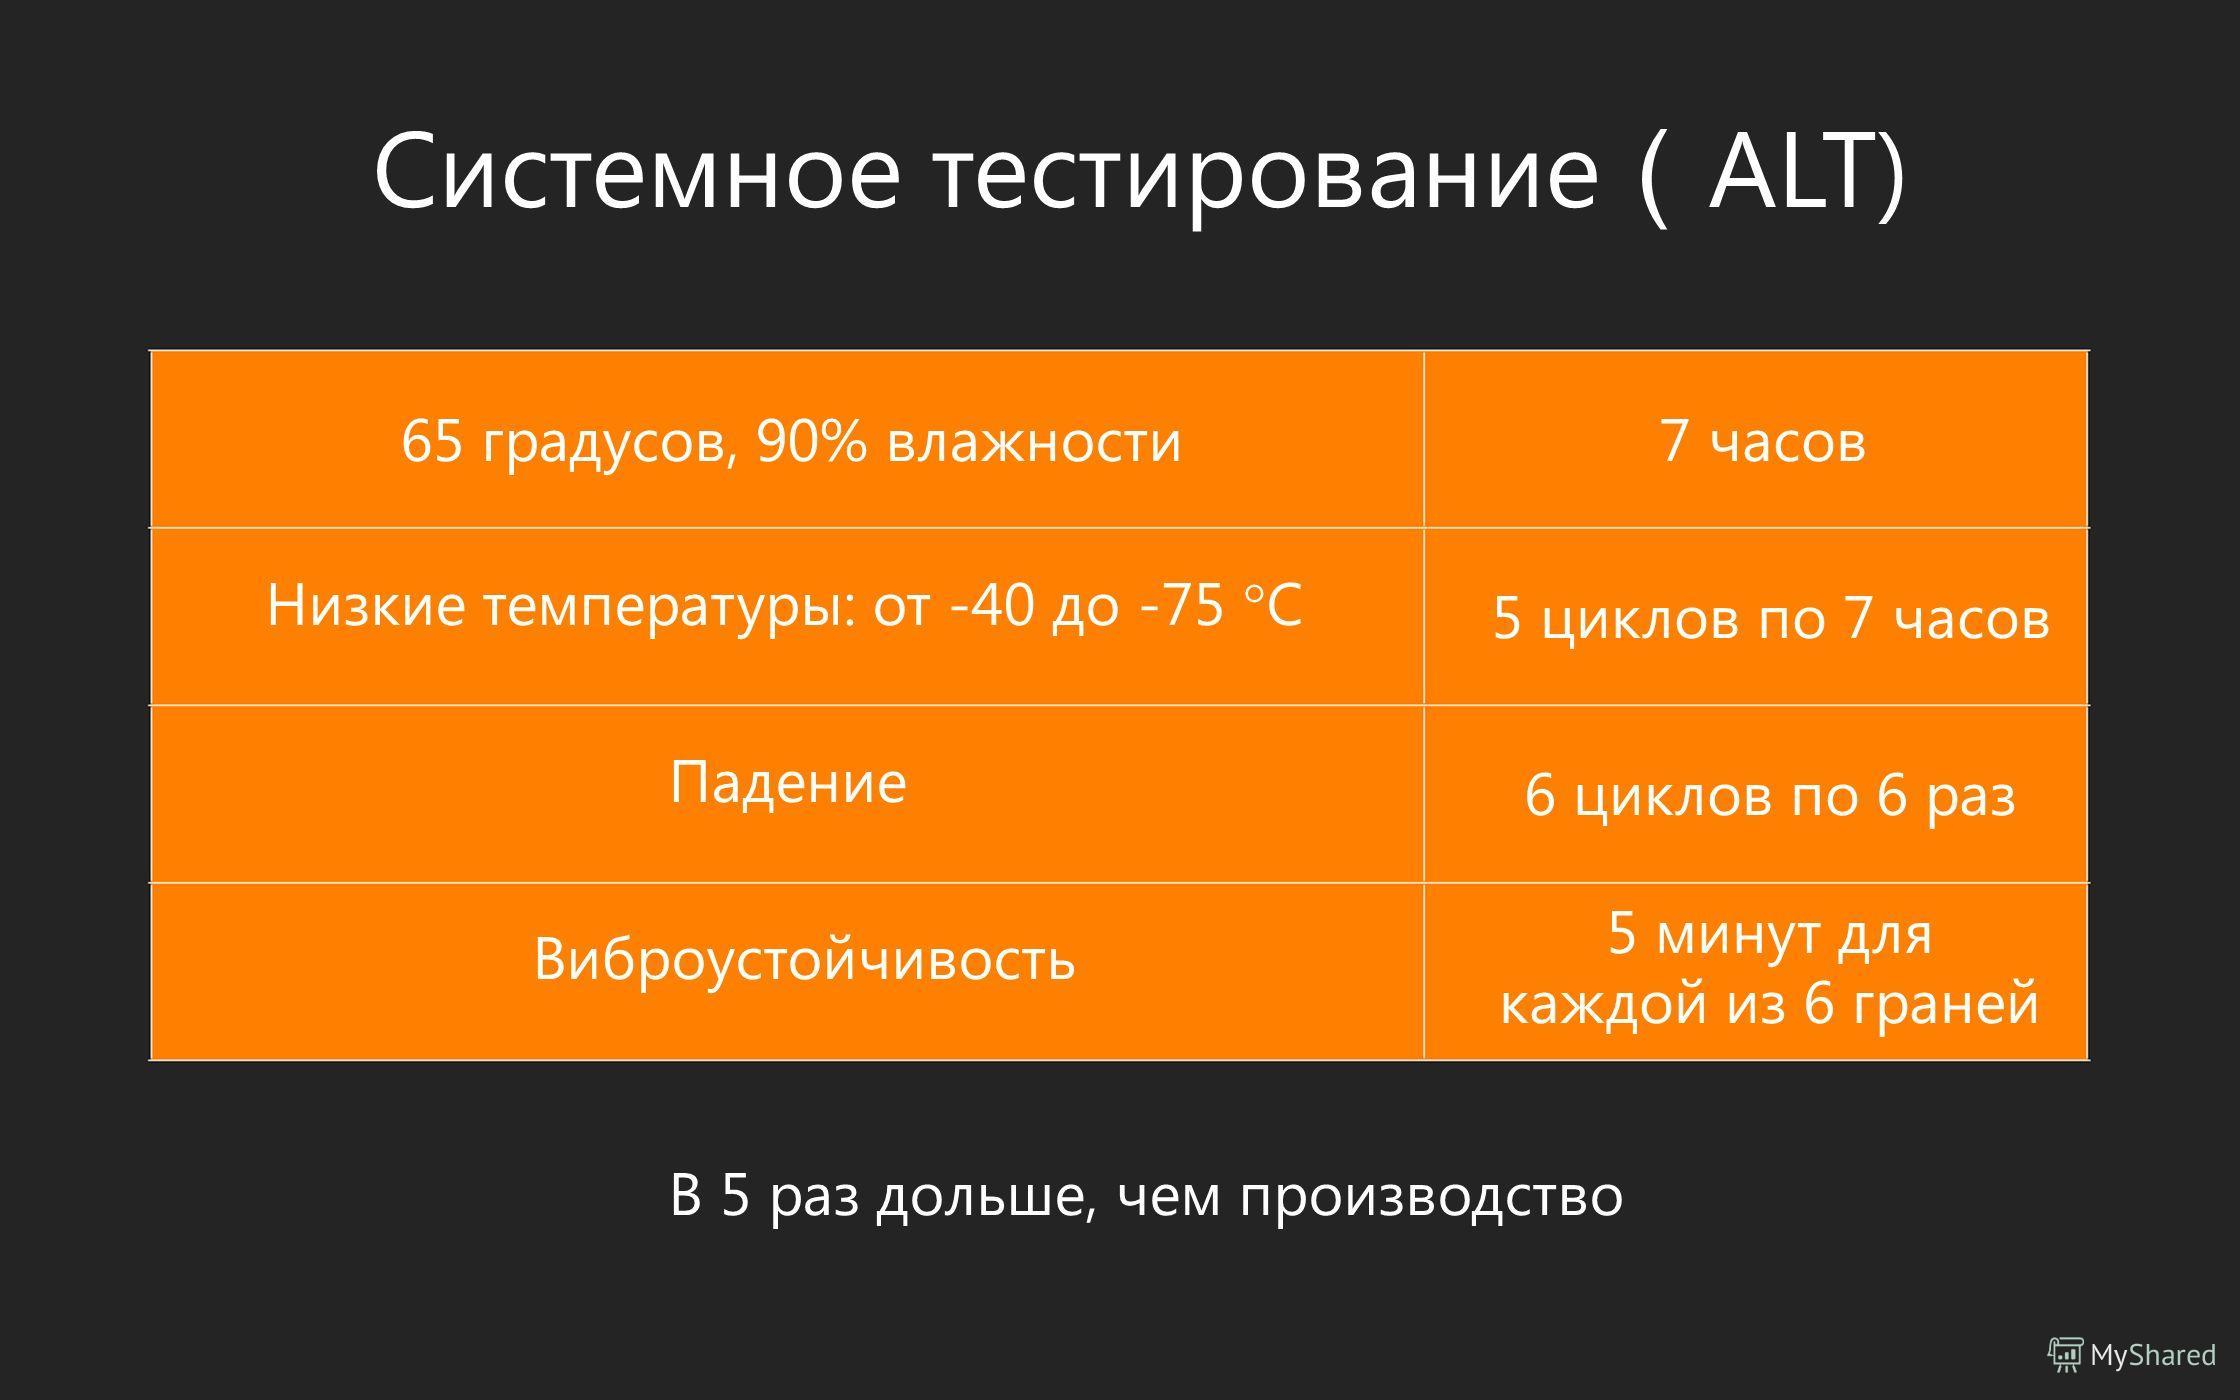 Системное тестирование ALT) 65 градусов, 90% влажности Низкие температуры: от -40 до -75 С Падение Виброустойчивость В 5 раз дольше, чем производство 7 часов 5 циклов по 7 часов 6 циклов по 6 раз 5 минут для каждой из 6 граней